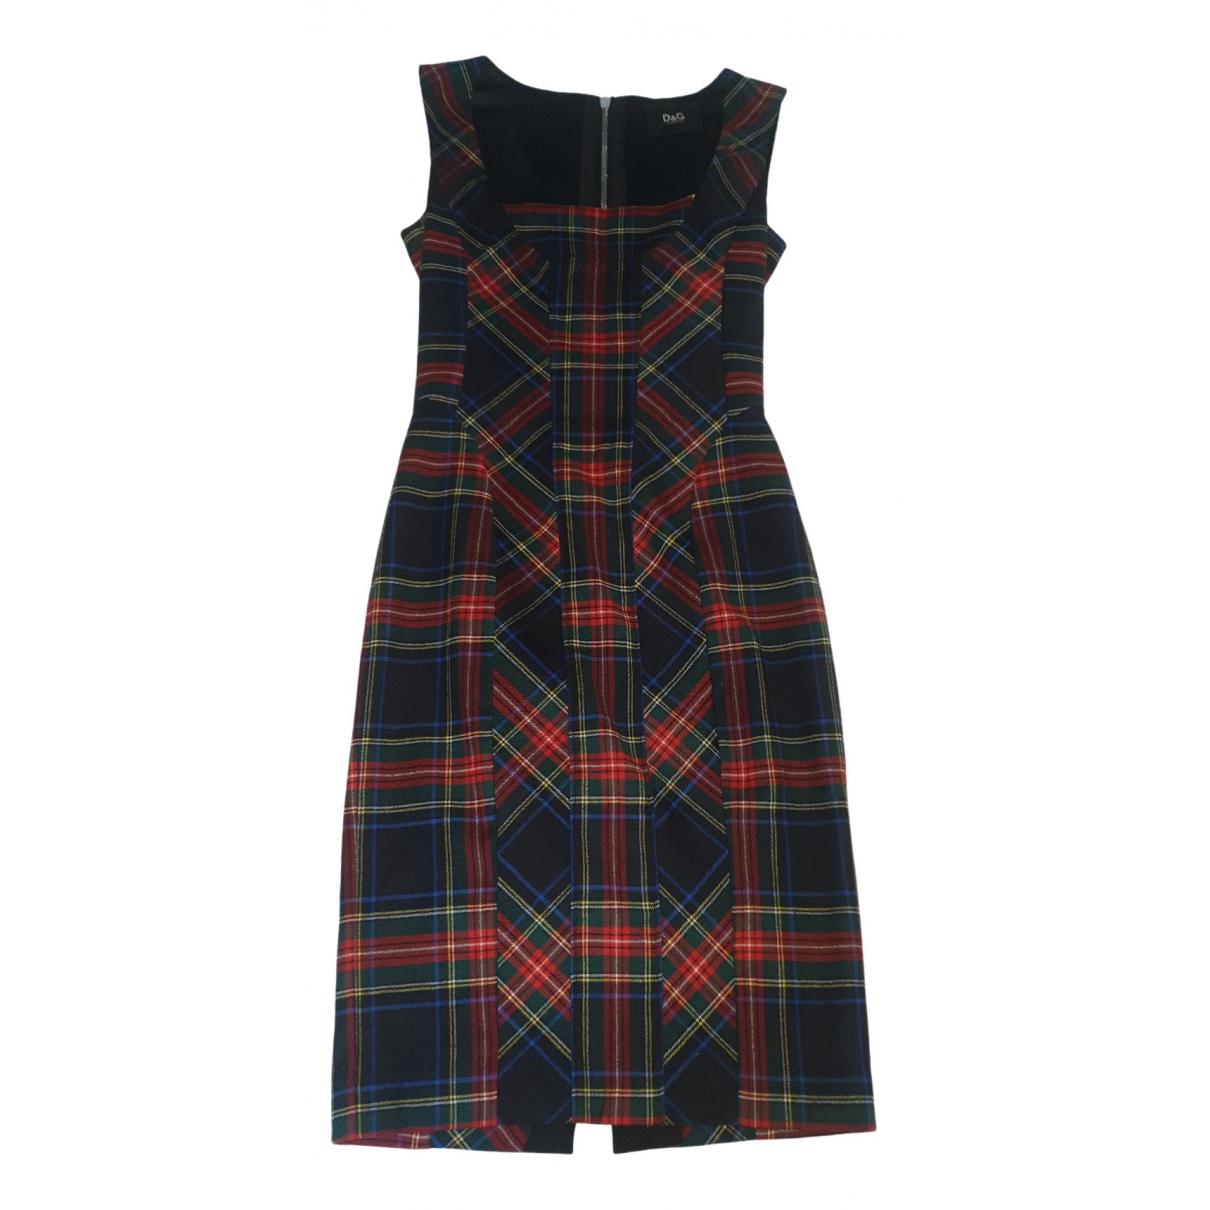 D&g \N Kleid in  Bunt Wolle